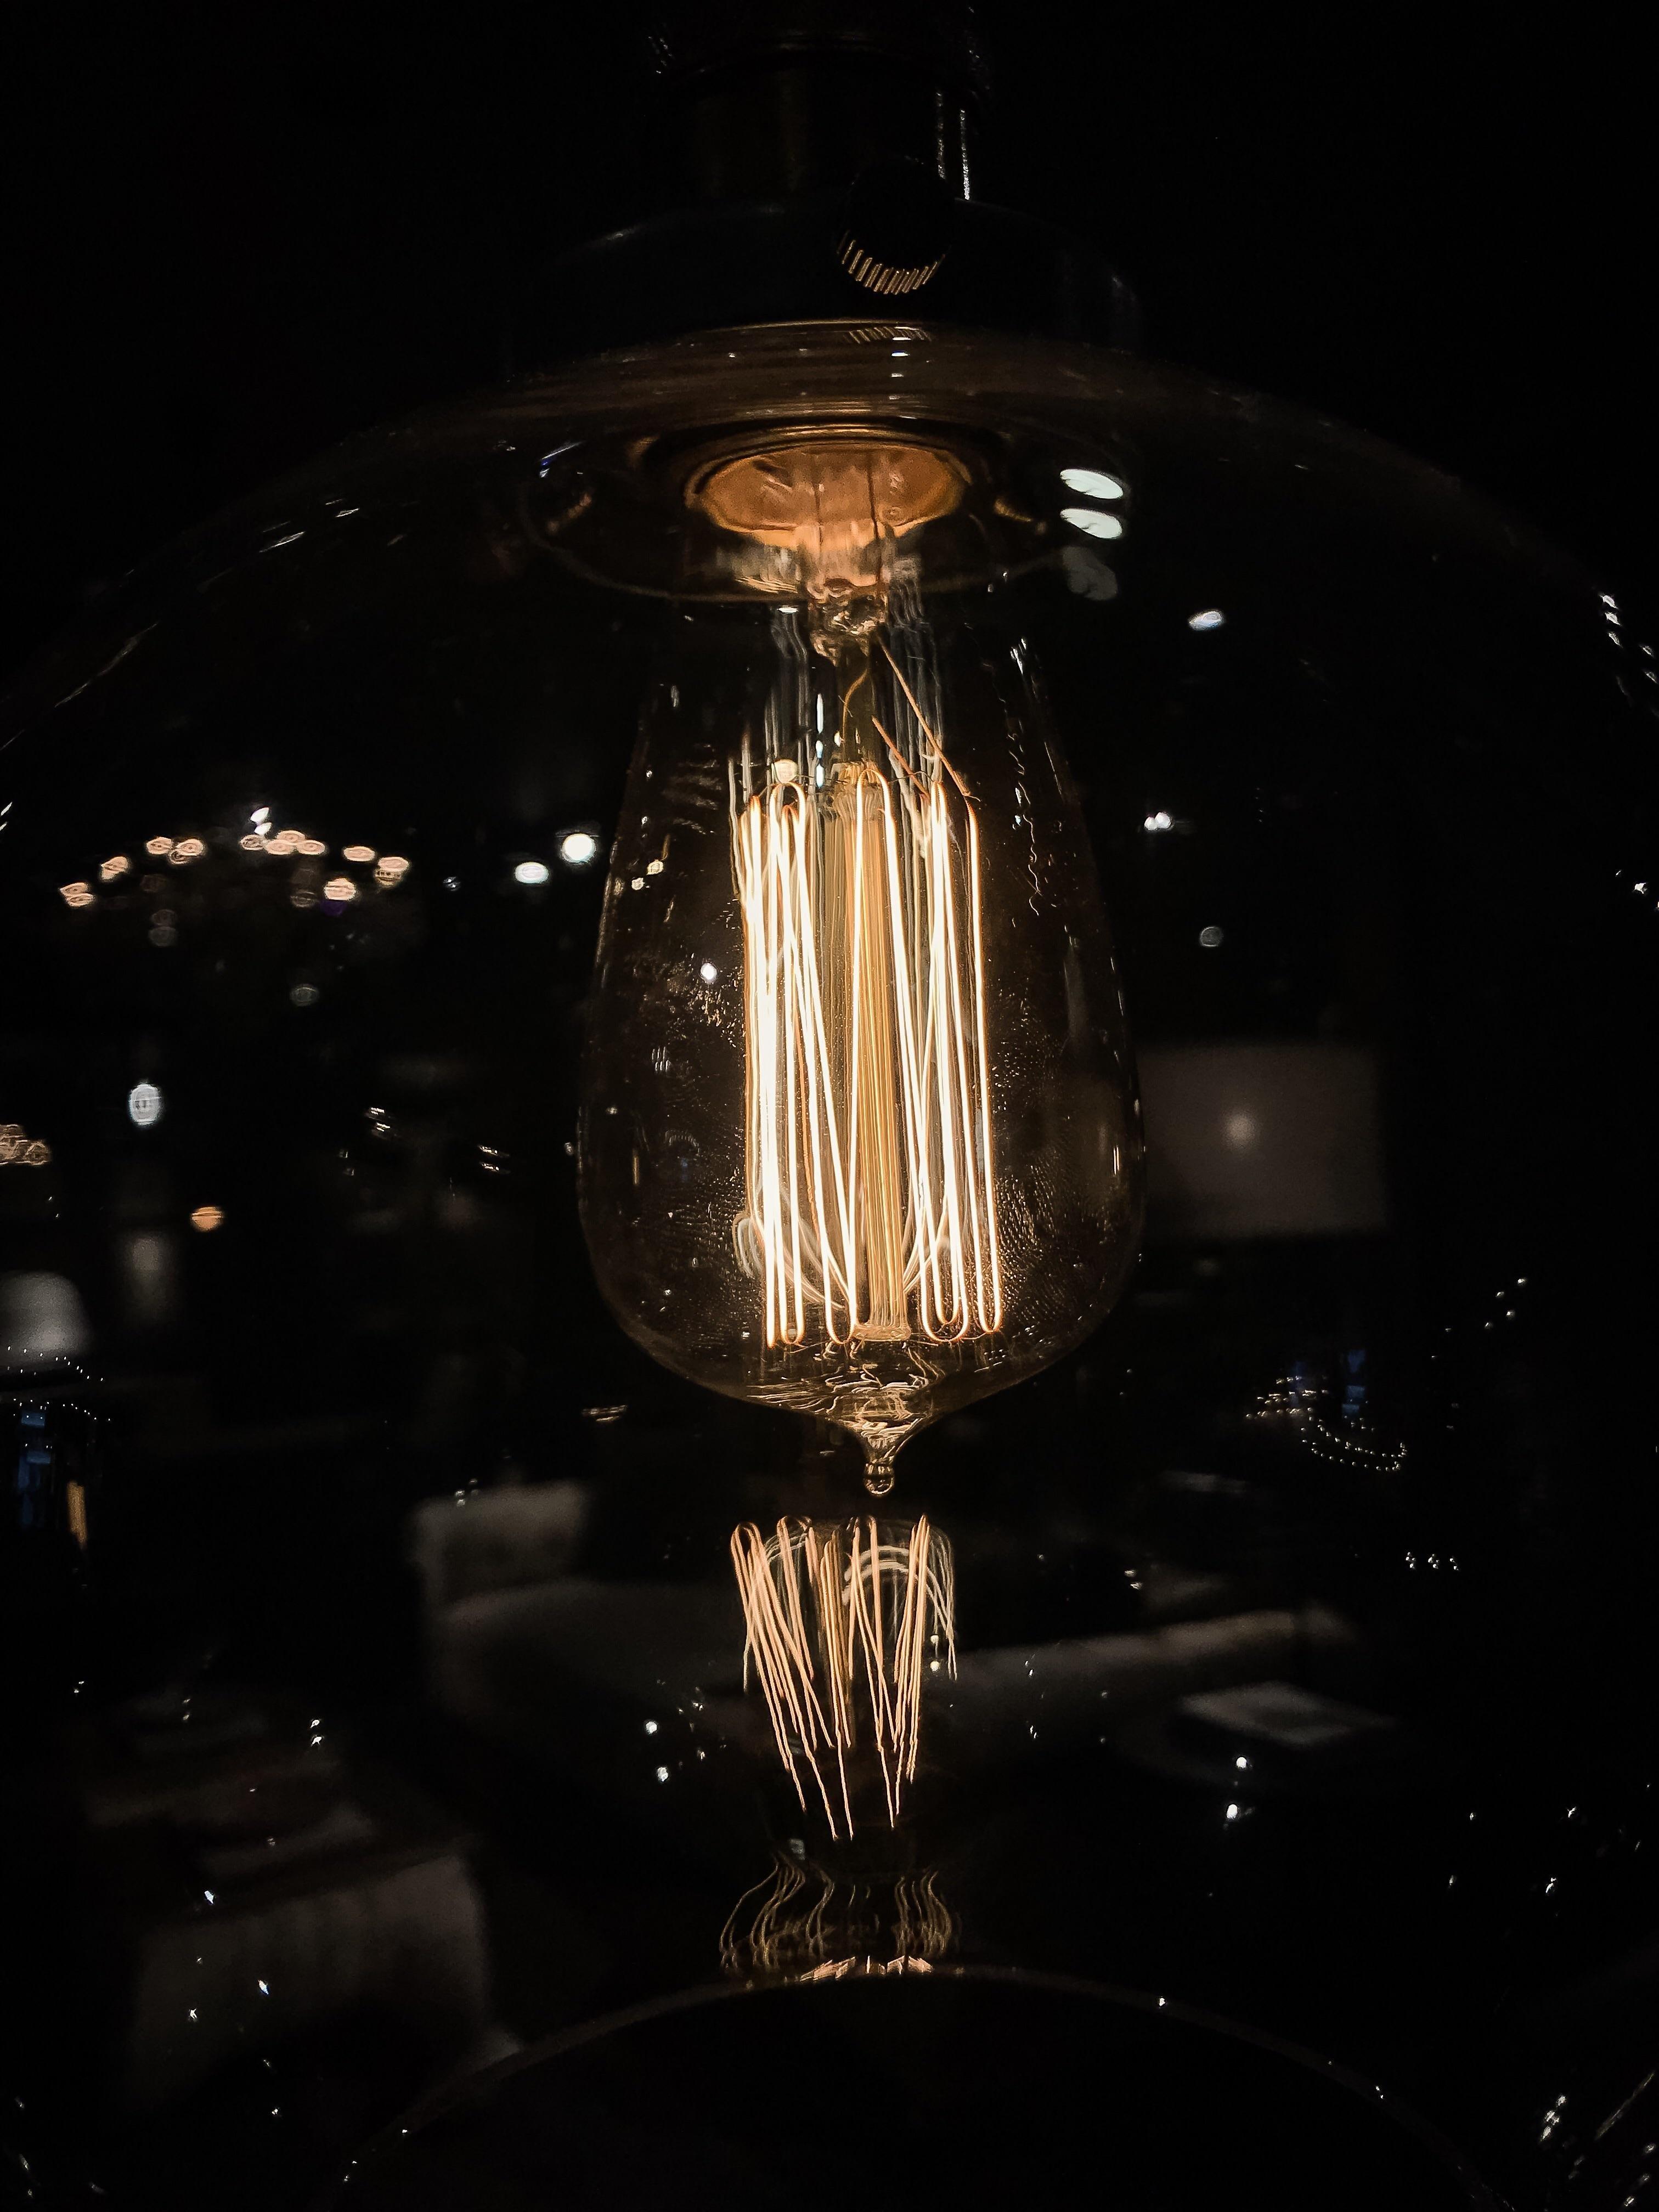 Idea HD wallpaper for Idea Light Bulb Wallpaper  199fiz